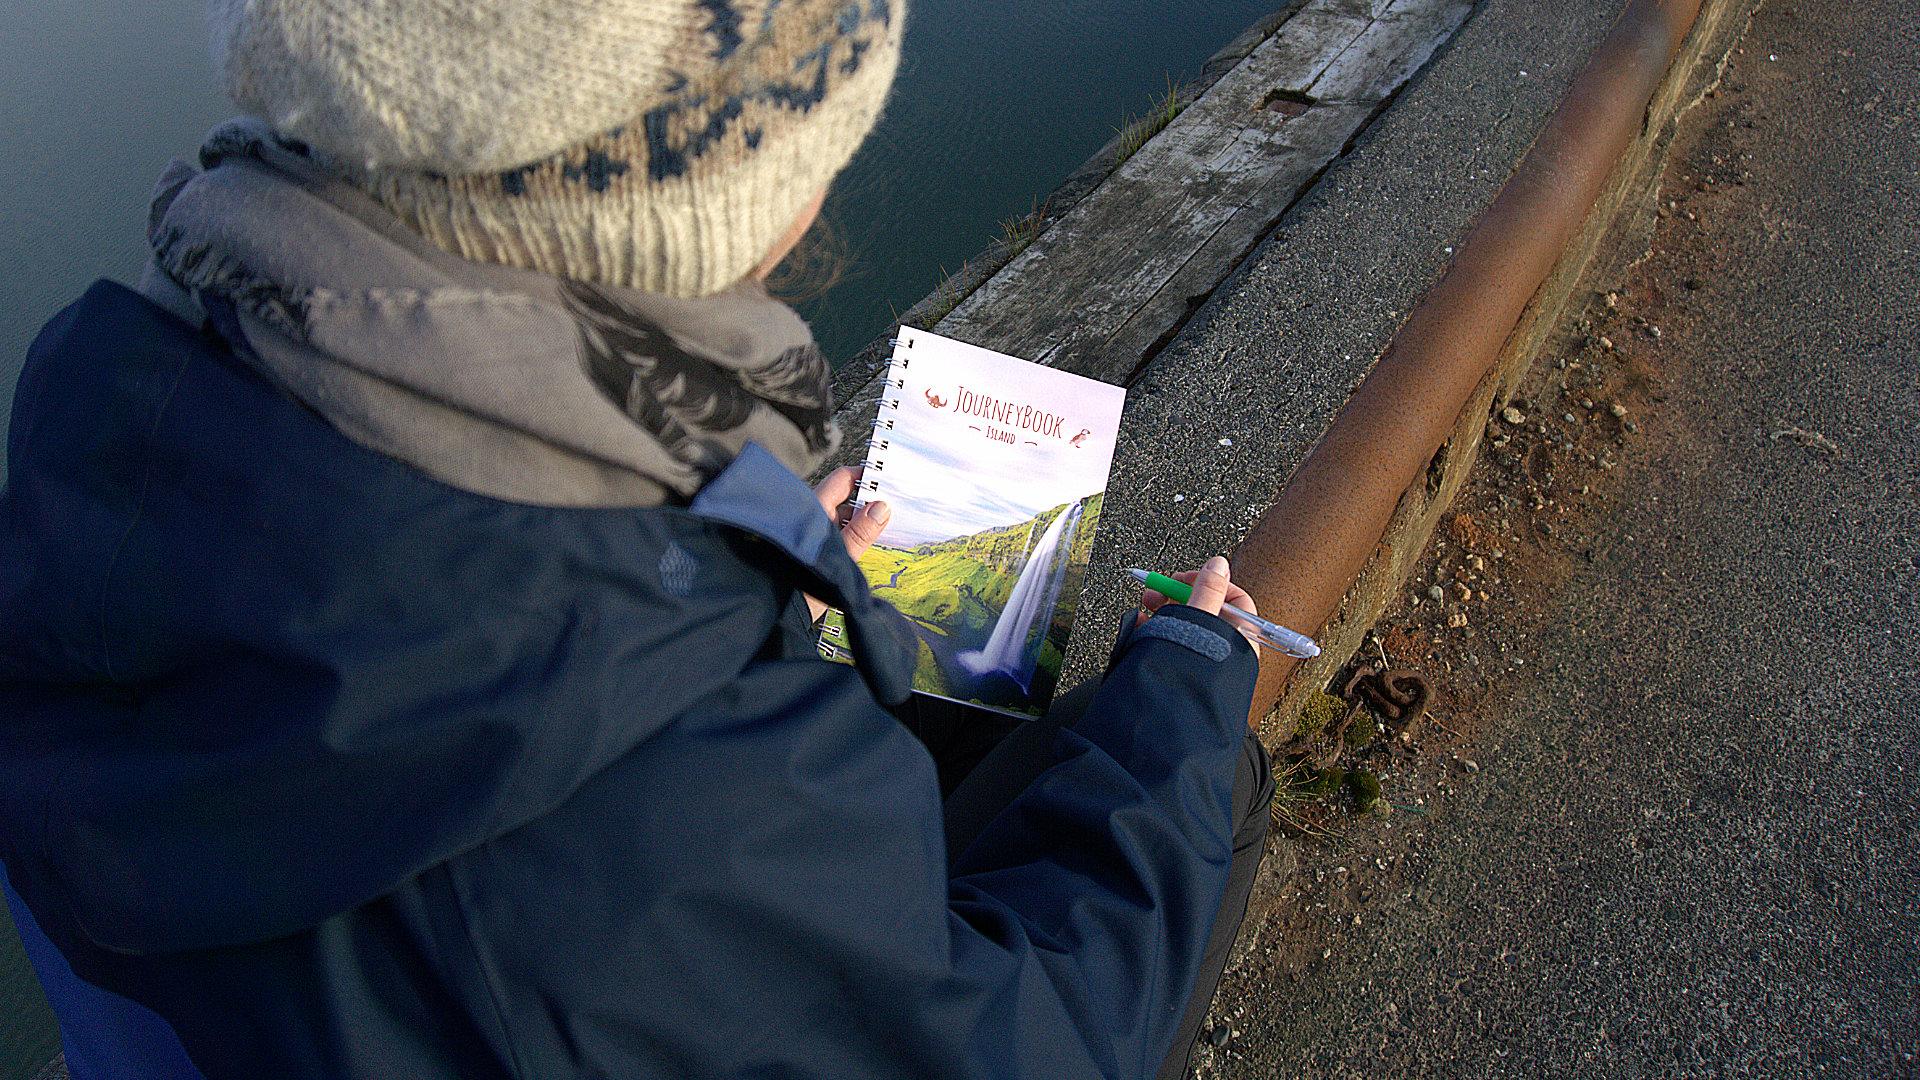 Journeybook Island (Foto: Sabina Schneider)